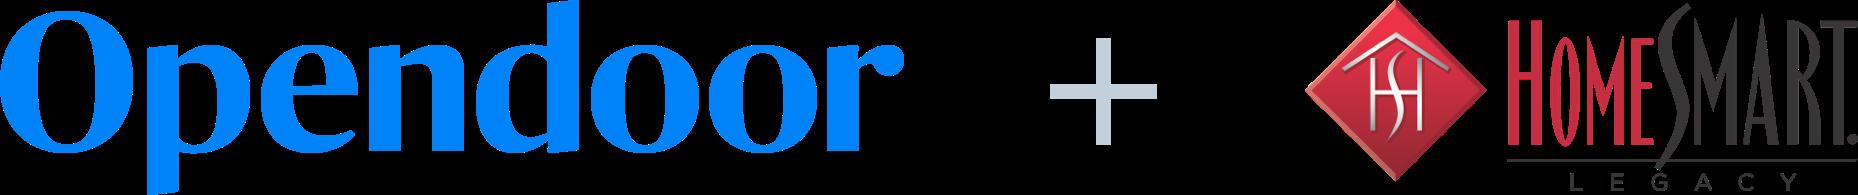 HomeSmart Legacy + Opendoor